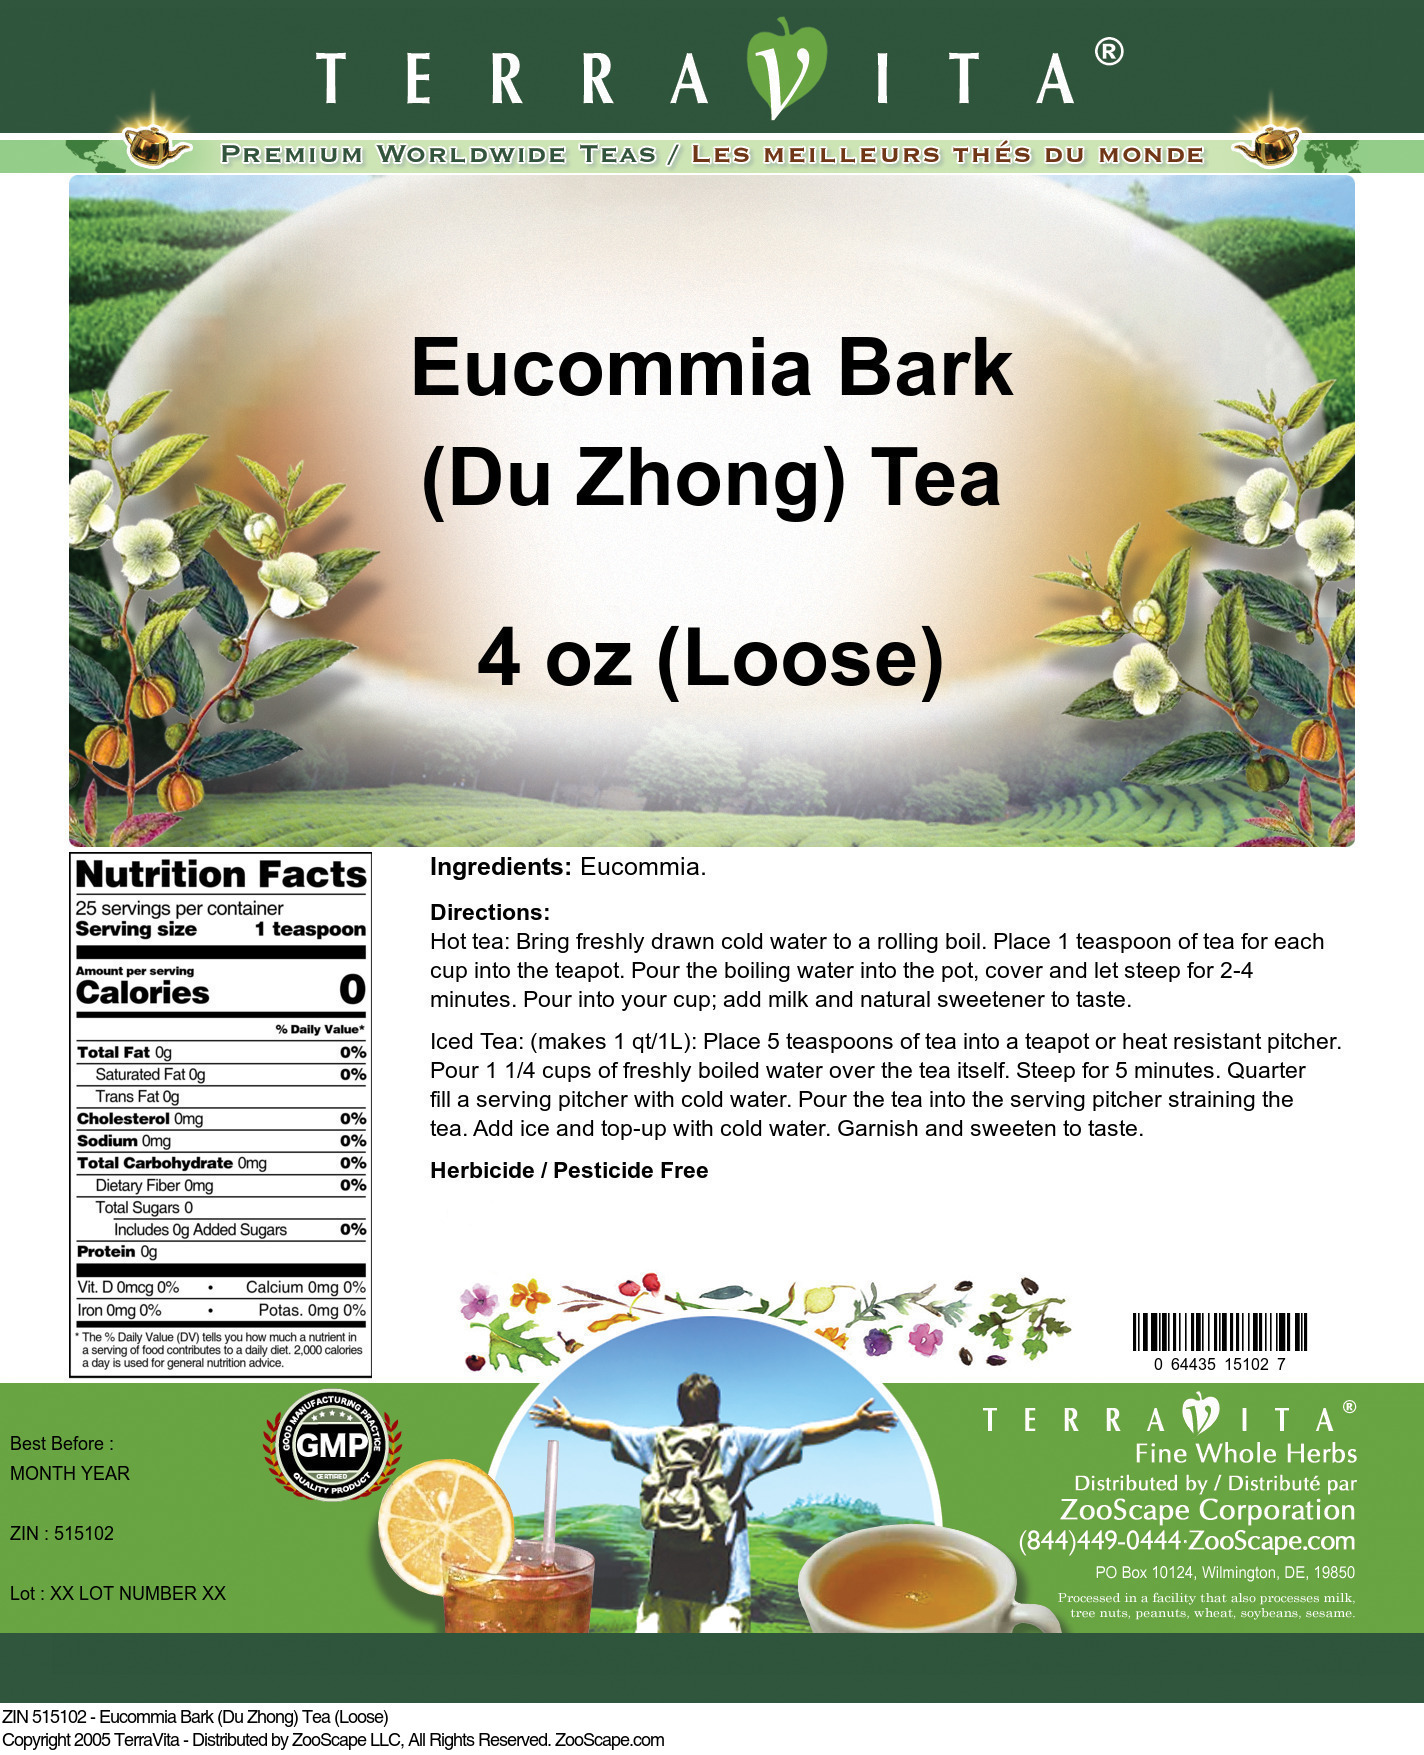 Eucommia Bark (Du Zhong) Tea (Loose)